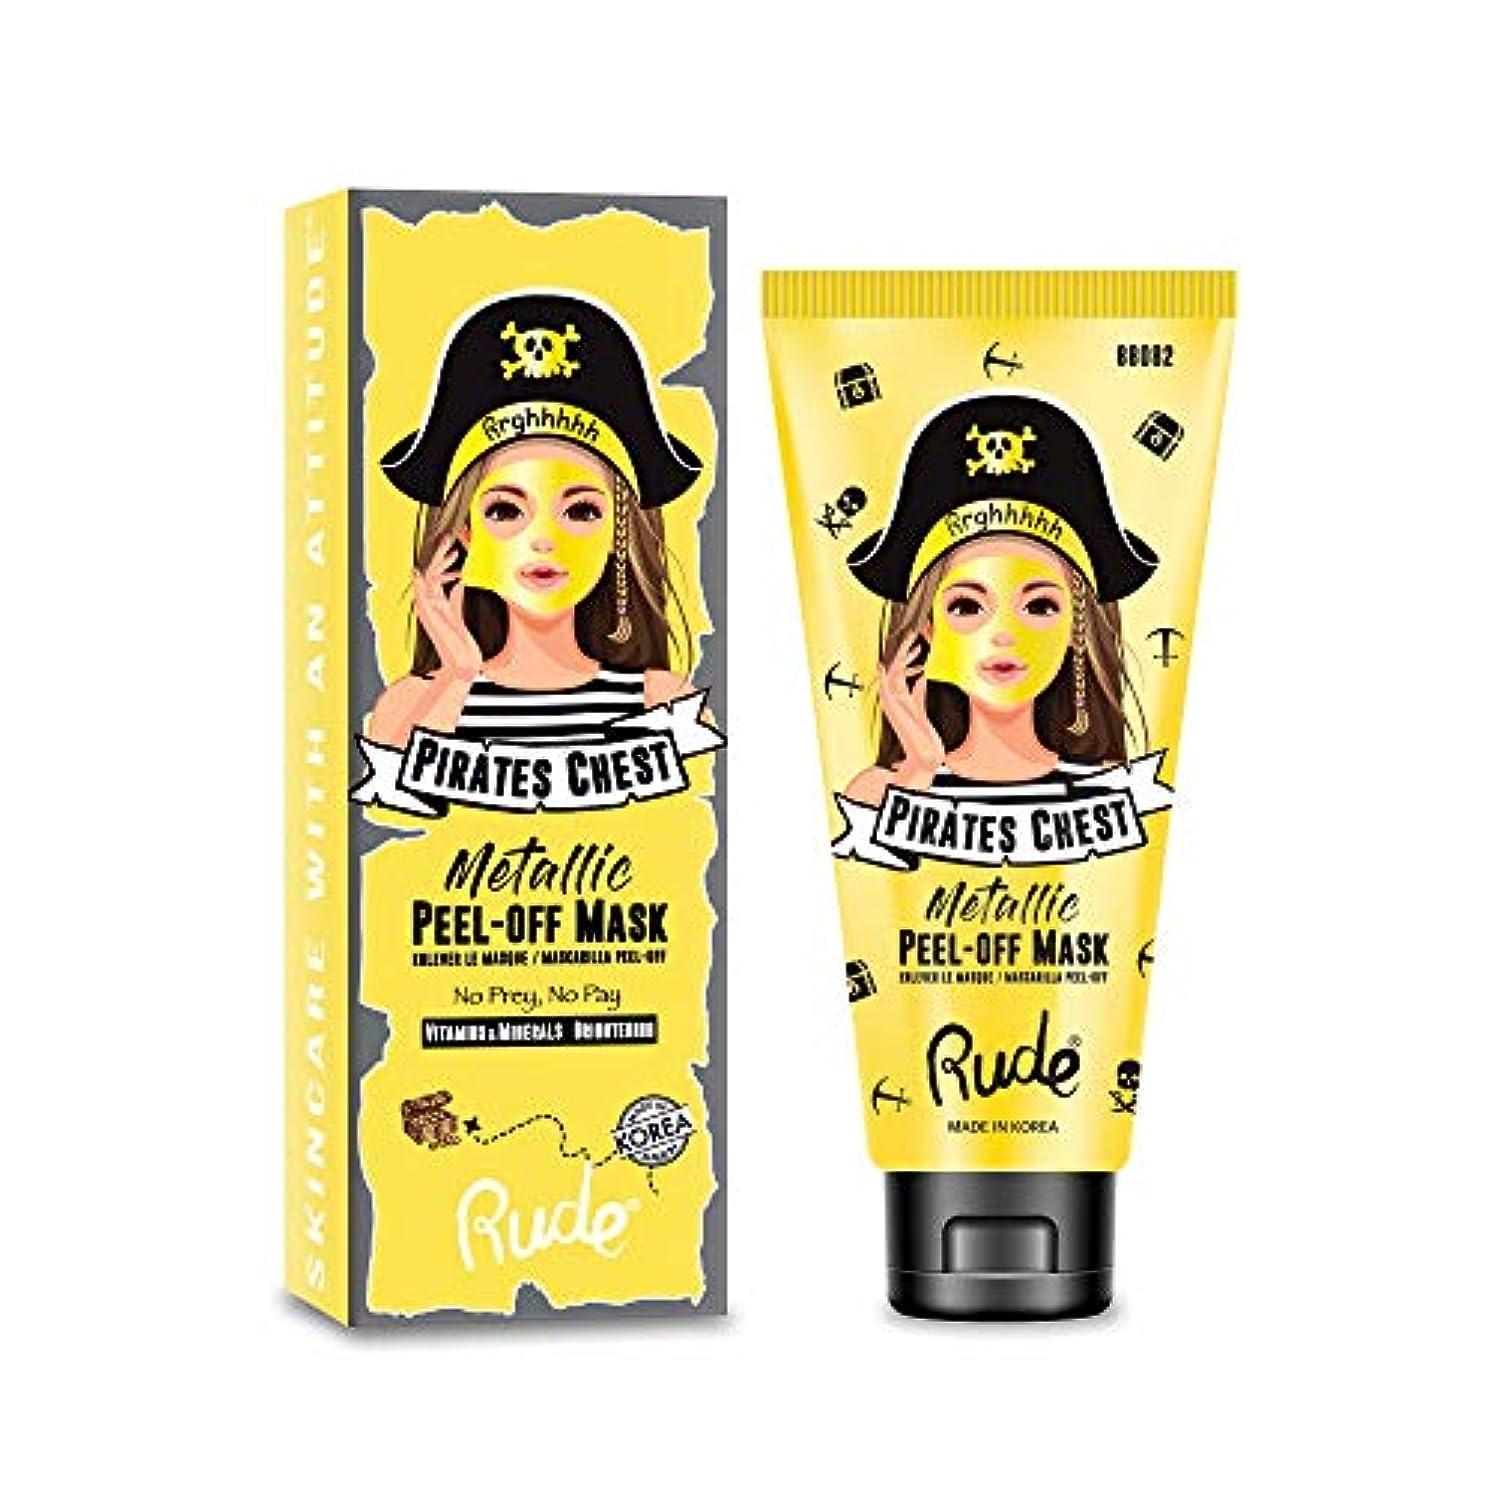 金曜日バンジージャンプ深く(6 Pack) RUDE Pirate's Chest Metallic Peel-off Mask - No Prey, No Pay (並行輸入品)